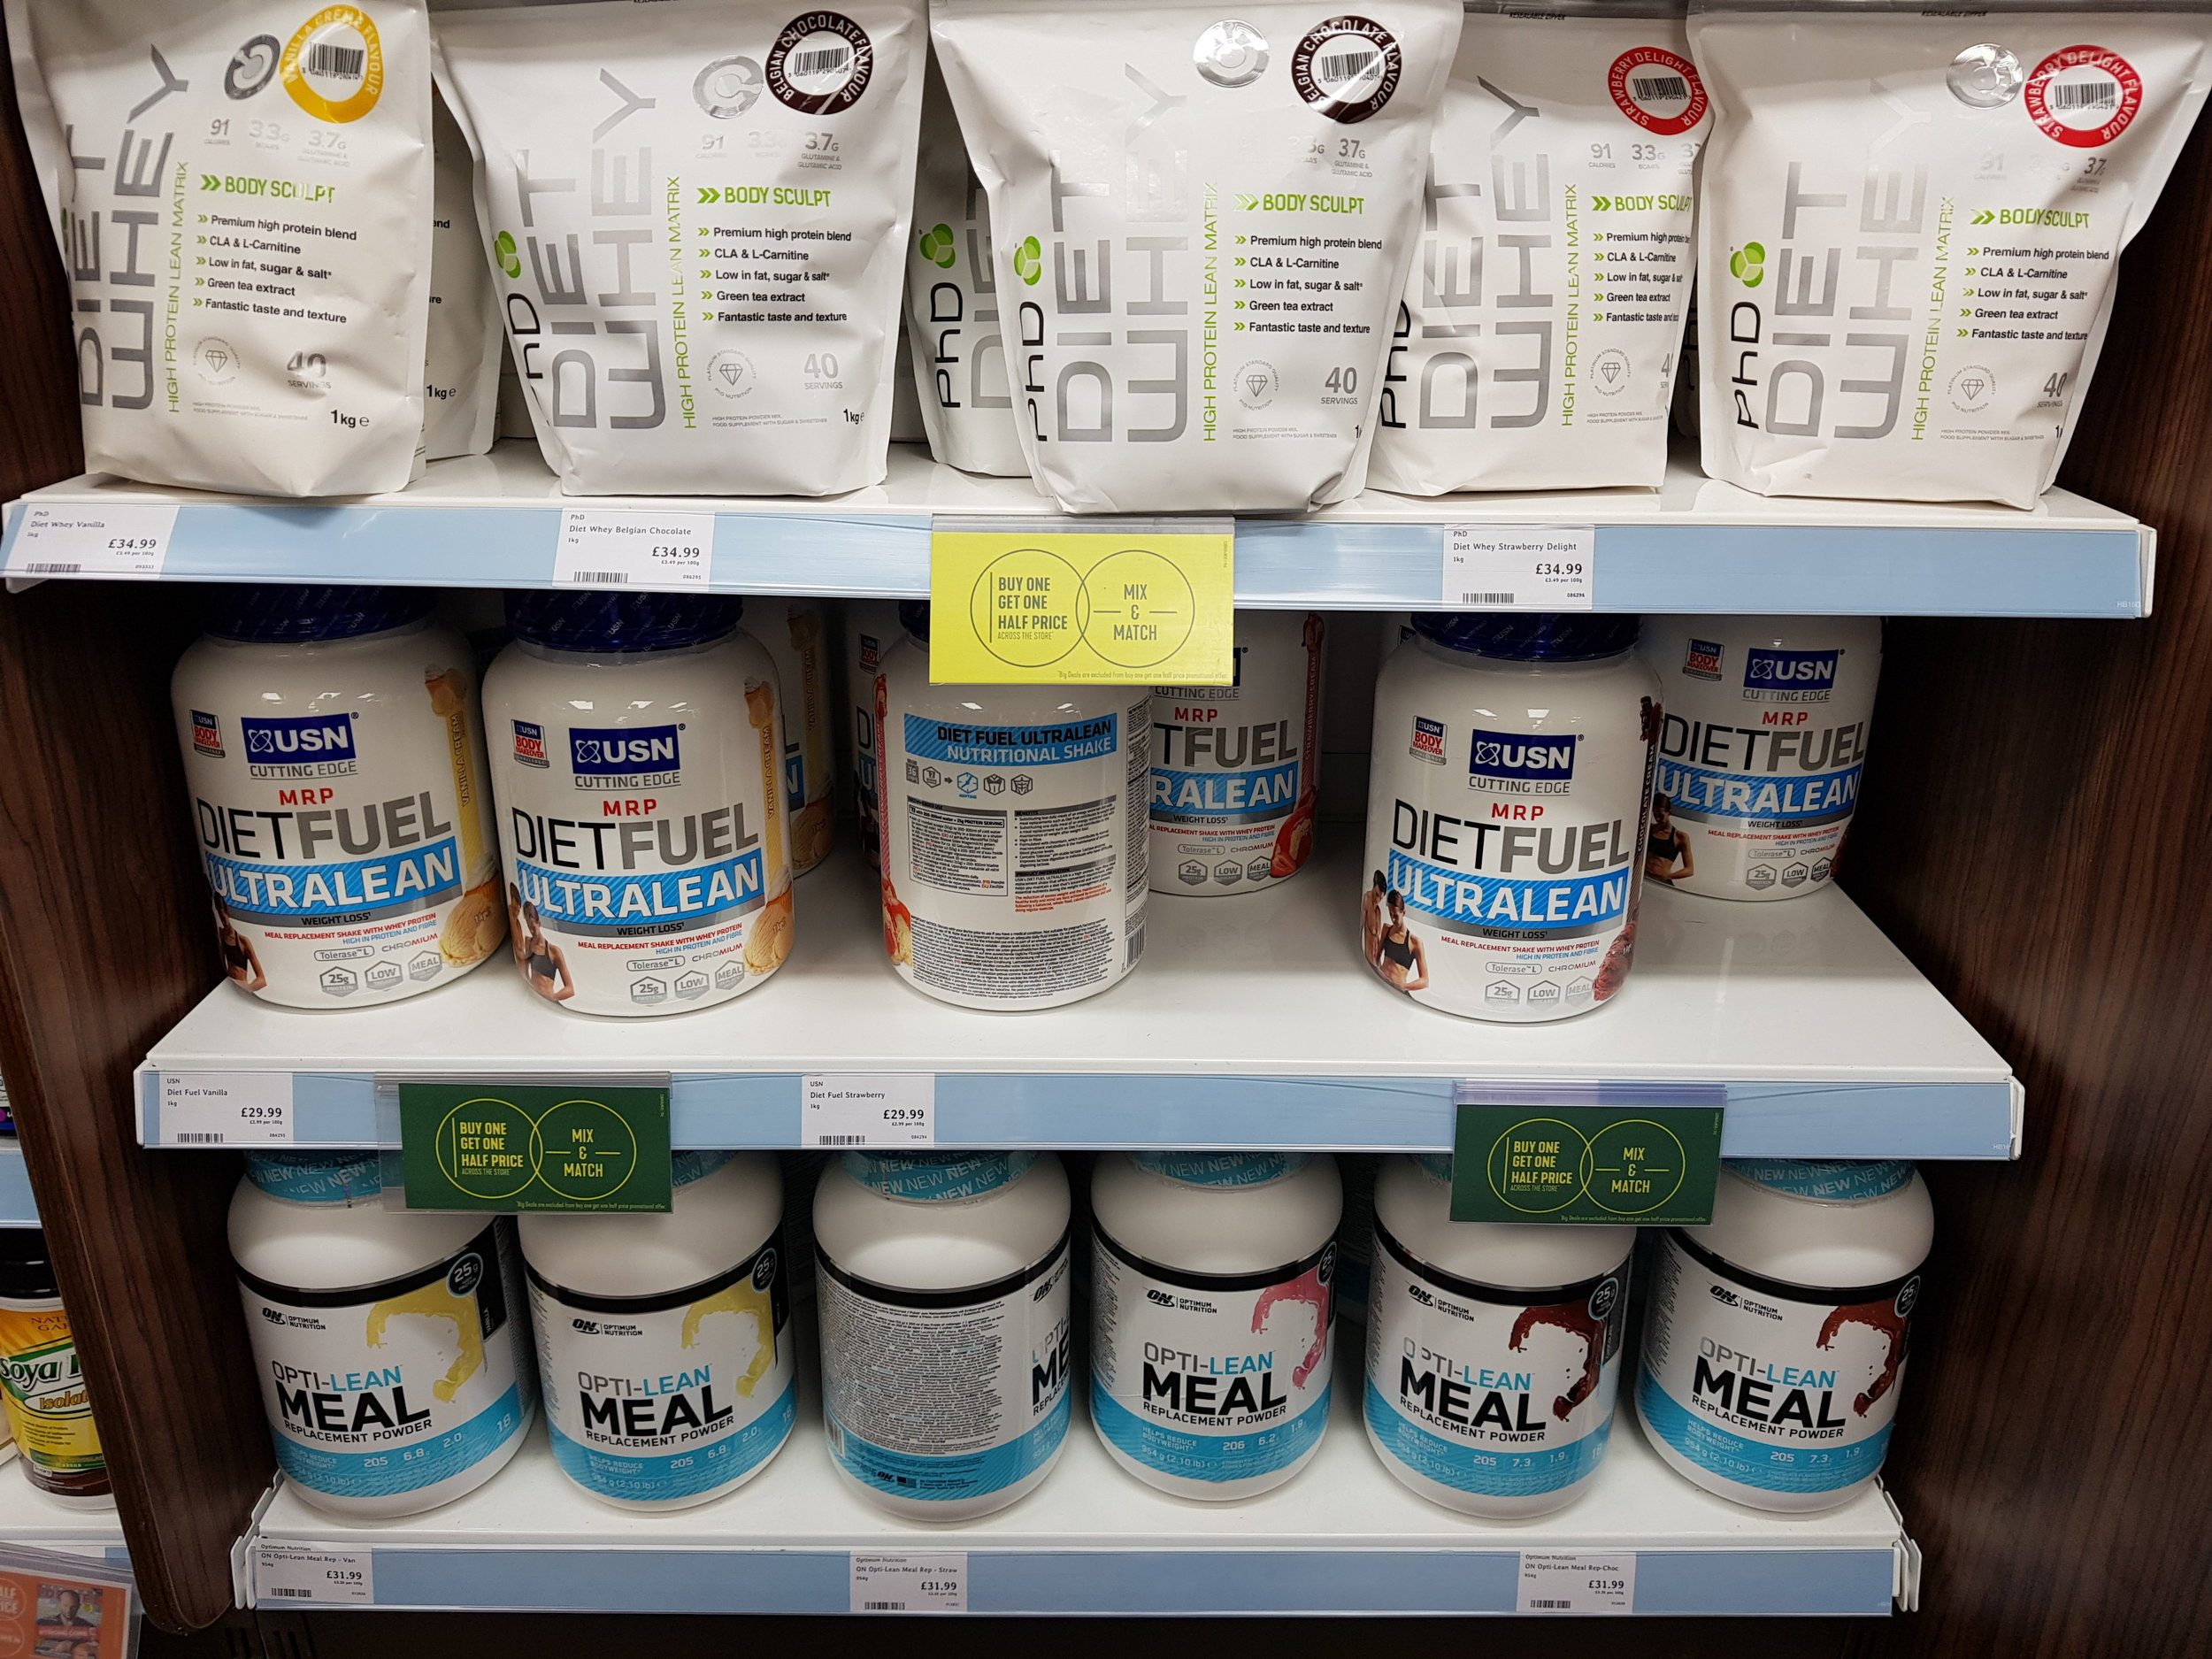 diet whey protein.jpg